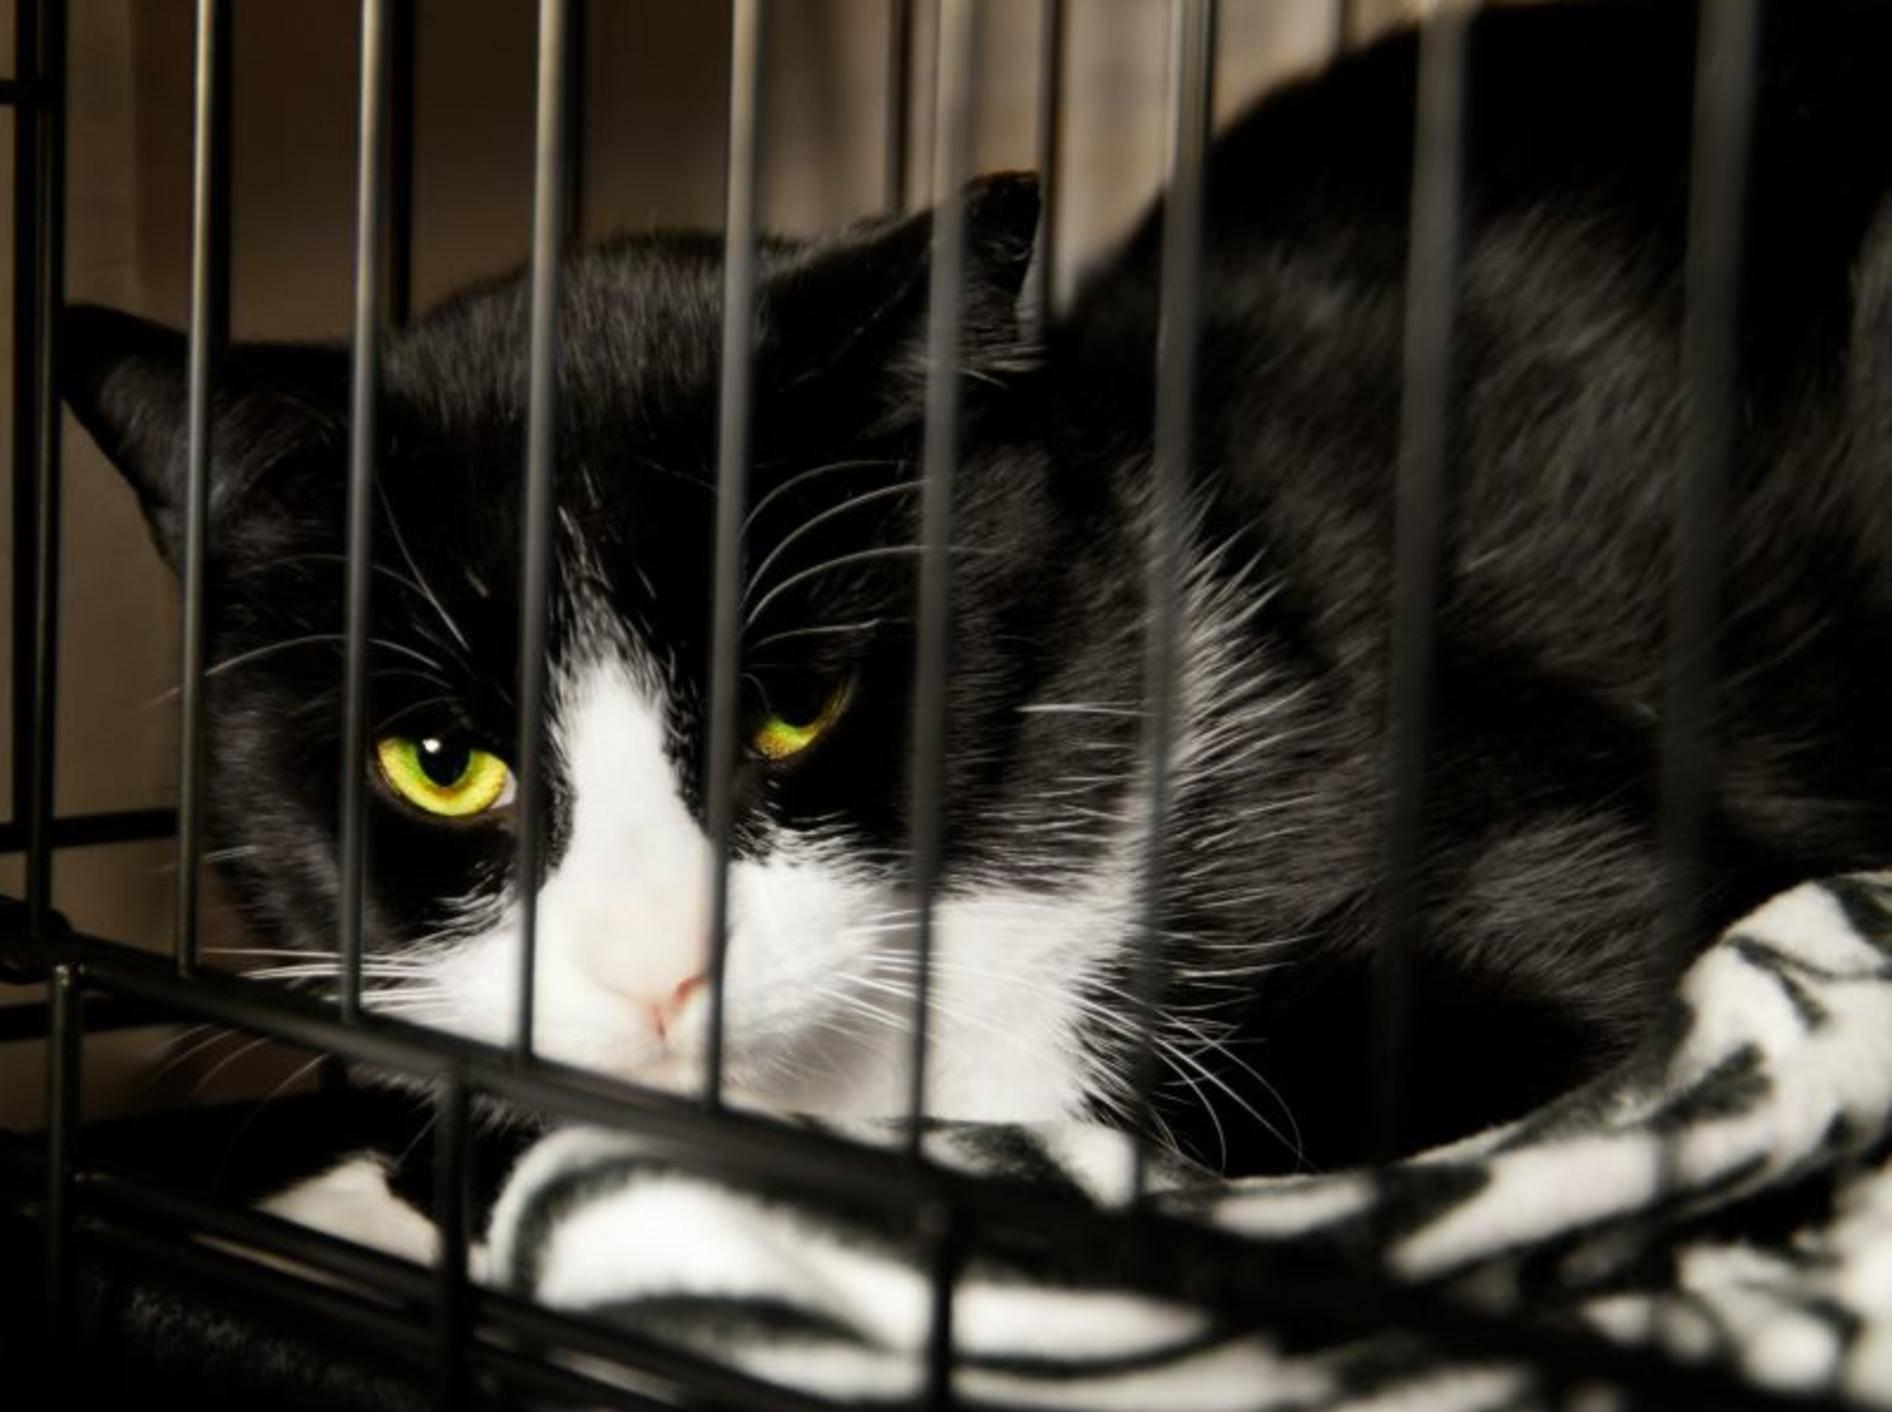 Patenschaften werden oft für schwer vermittelbare Tiere angeboten – Shutterstock / Bruno-Passigatti